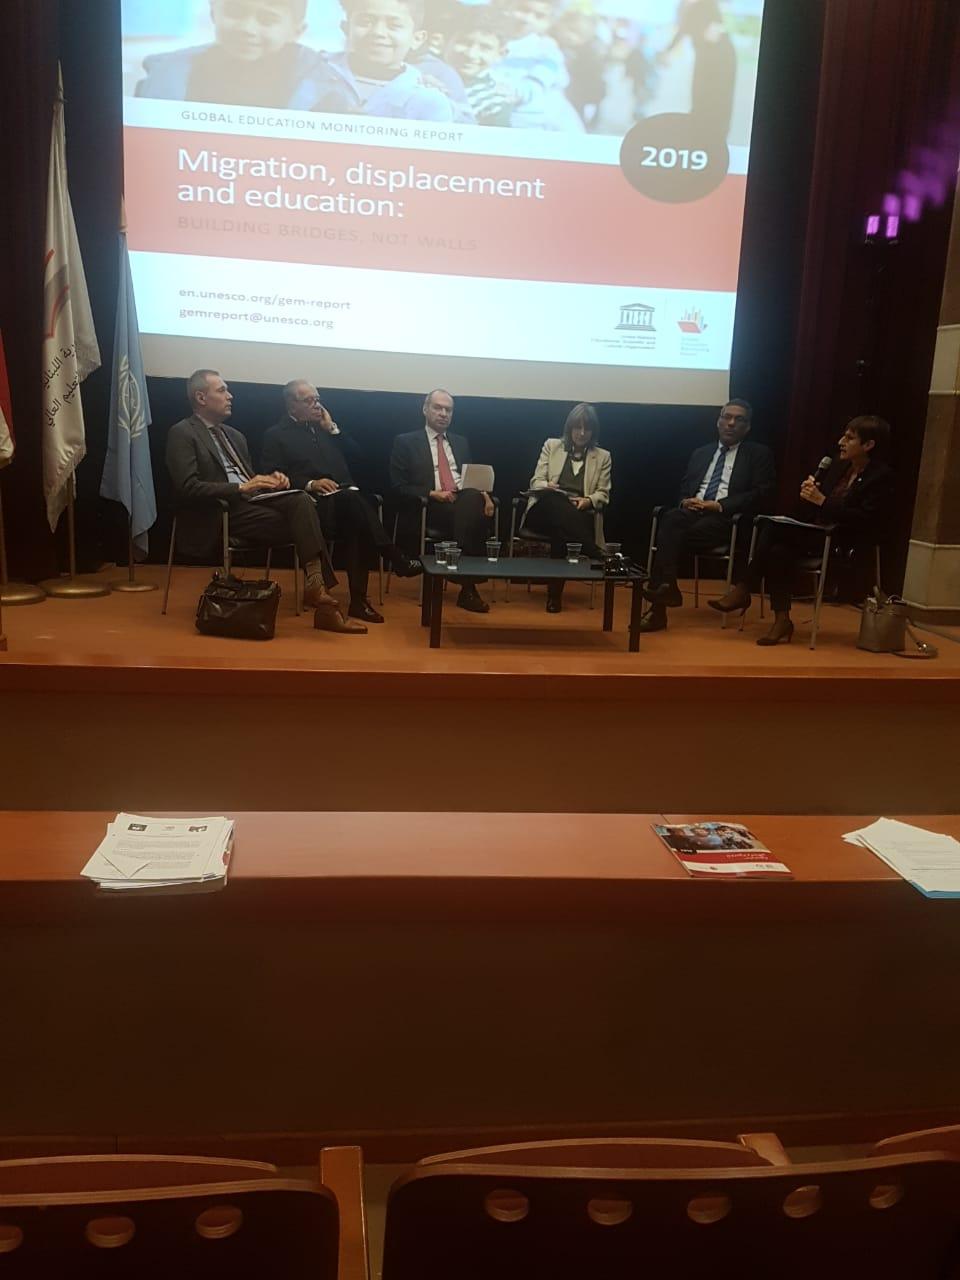 حفل إطلاق تقرير المرصد التعليمي حول الهجرة والنزوح والتعليم في بيروت